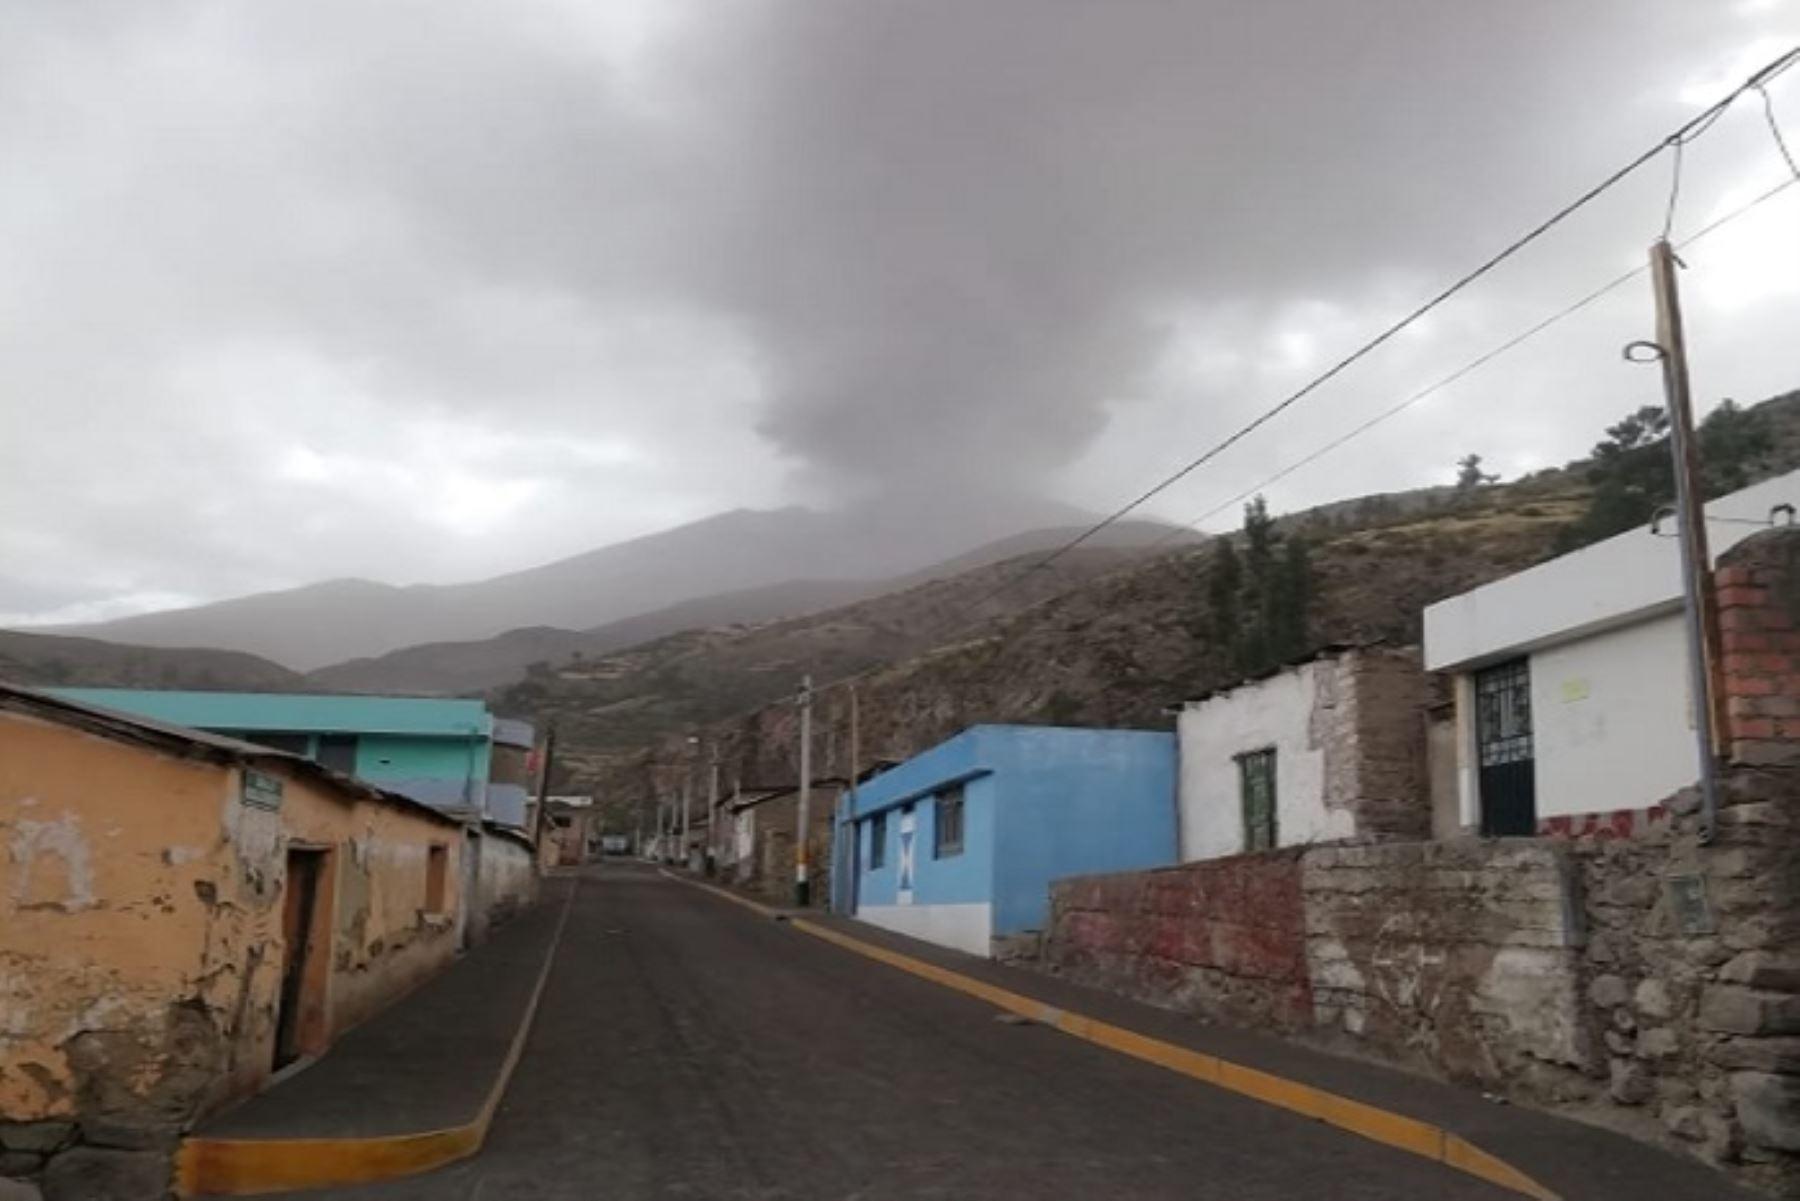 Un equipo de técnicos del Ministerio de Vivienda, Construcción y Saneamiento (MVCS) enviará viviendas de emergencia para salvaguardar la integridad de la población afectada por el proceso eruptivo del volcán Ubinas, ubicado en Moquegua.